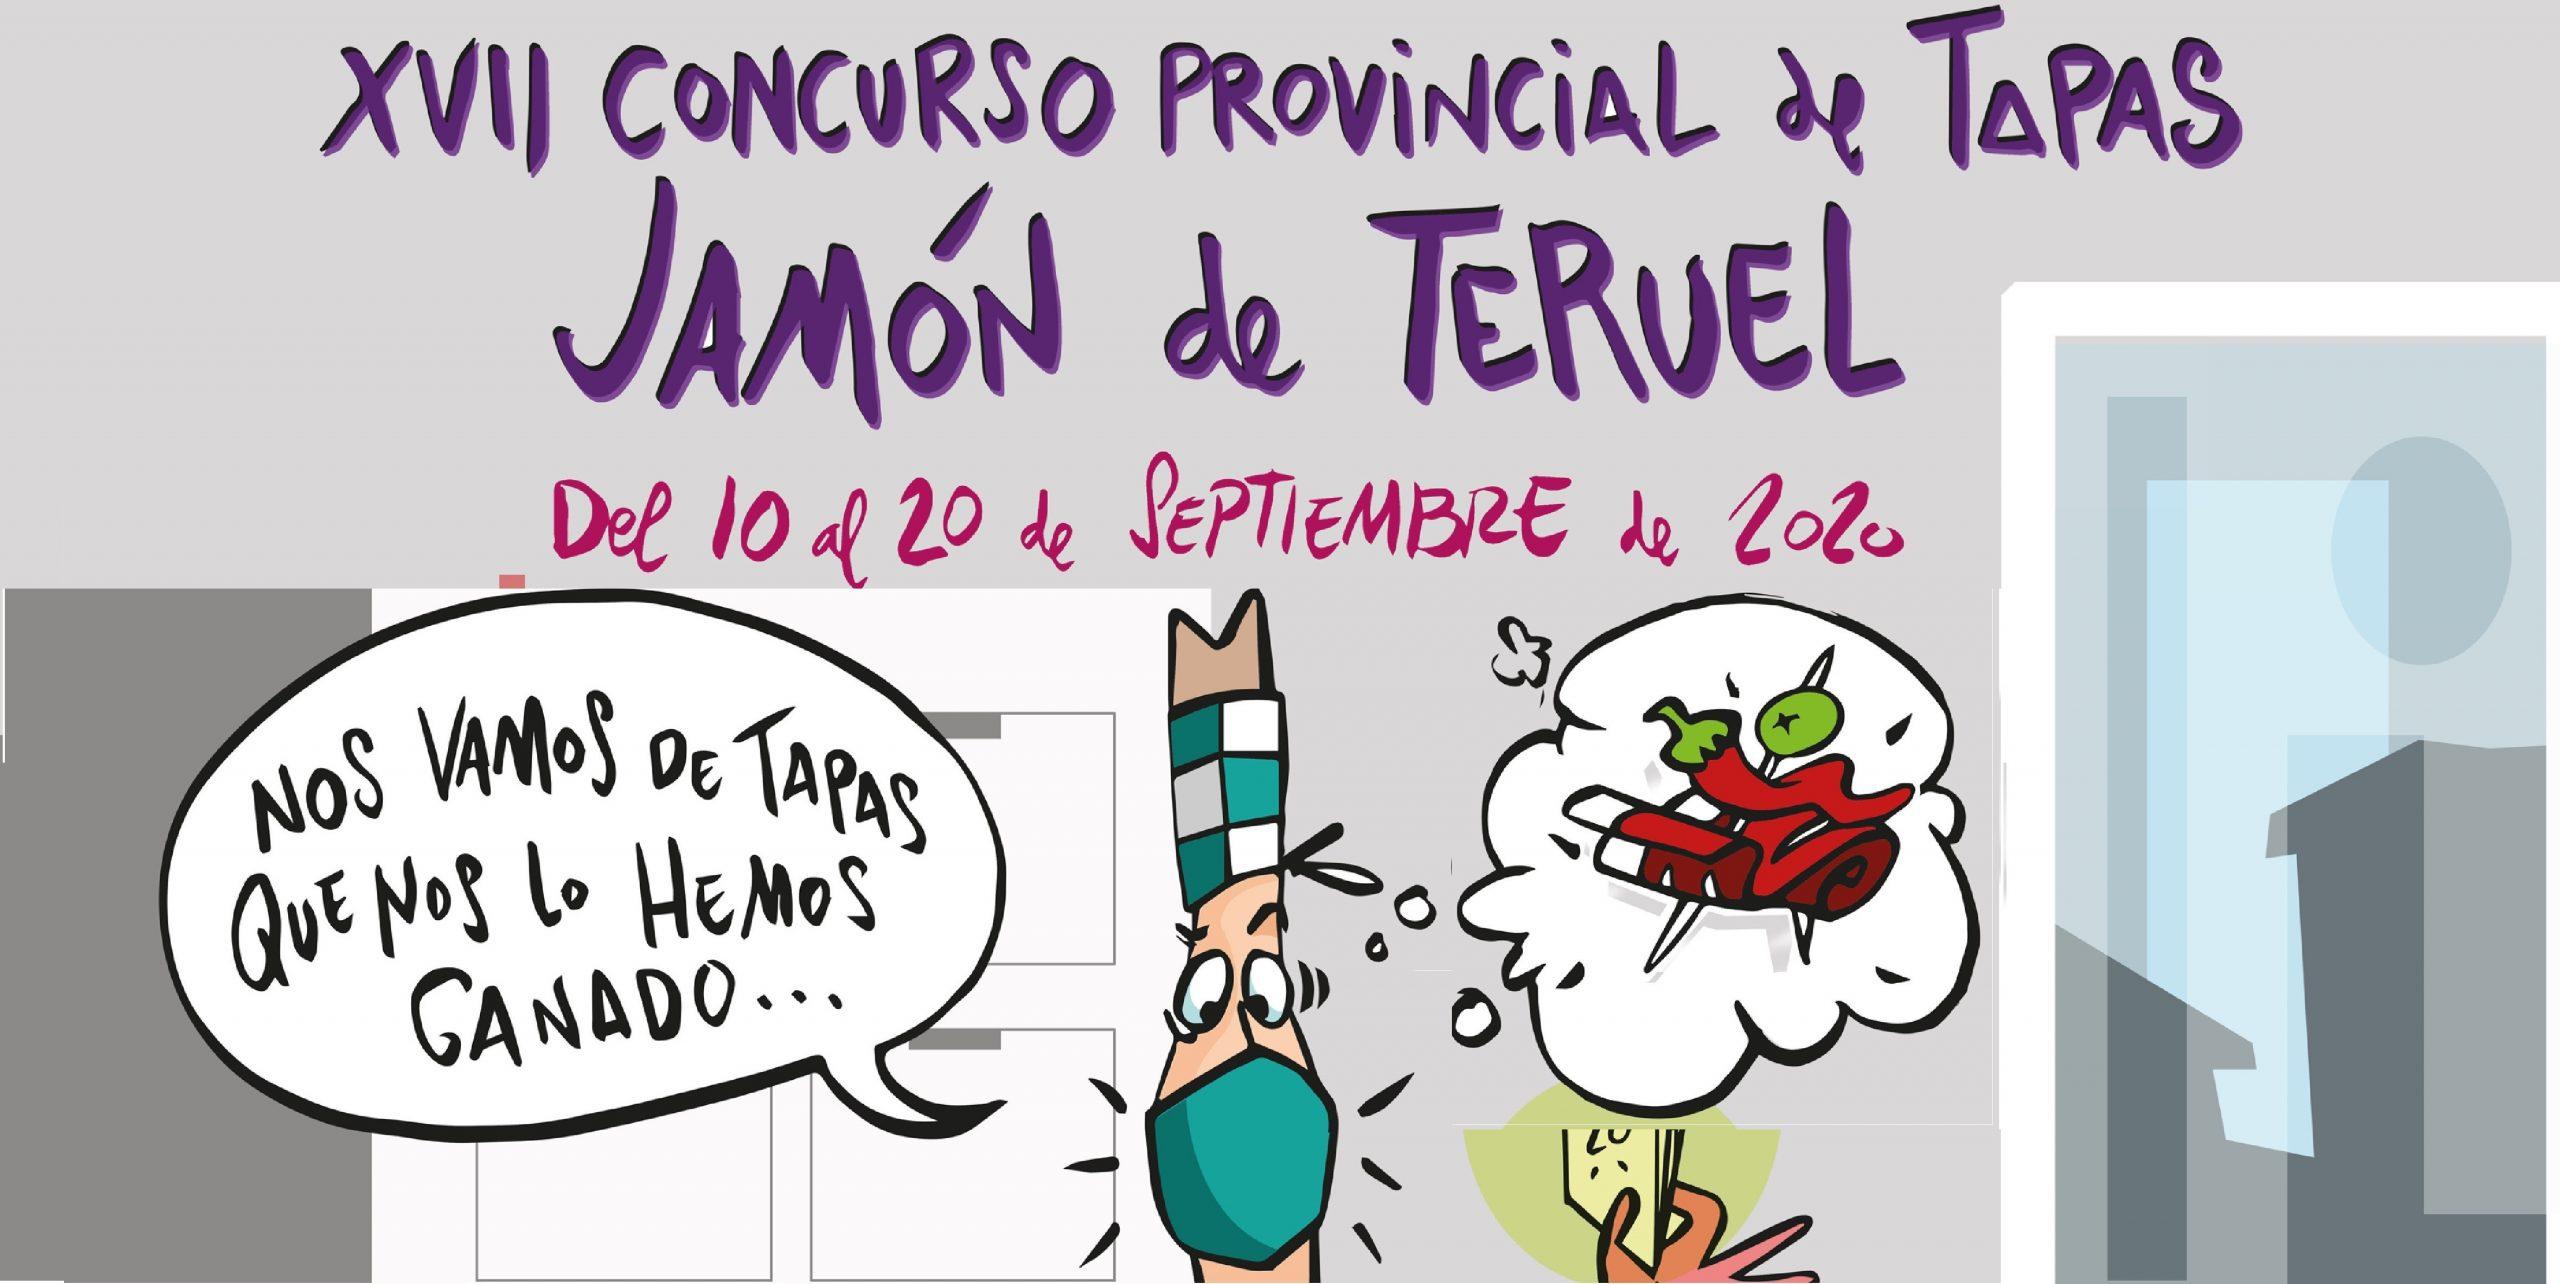 XVII CONCURSO PROVINCIAL TAPAS JAMÓN DE TERUEL